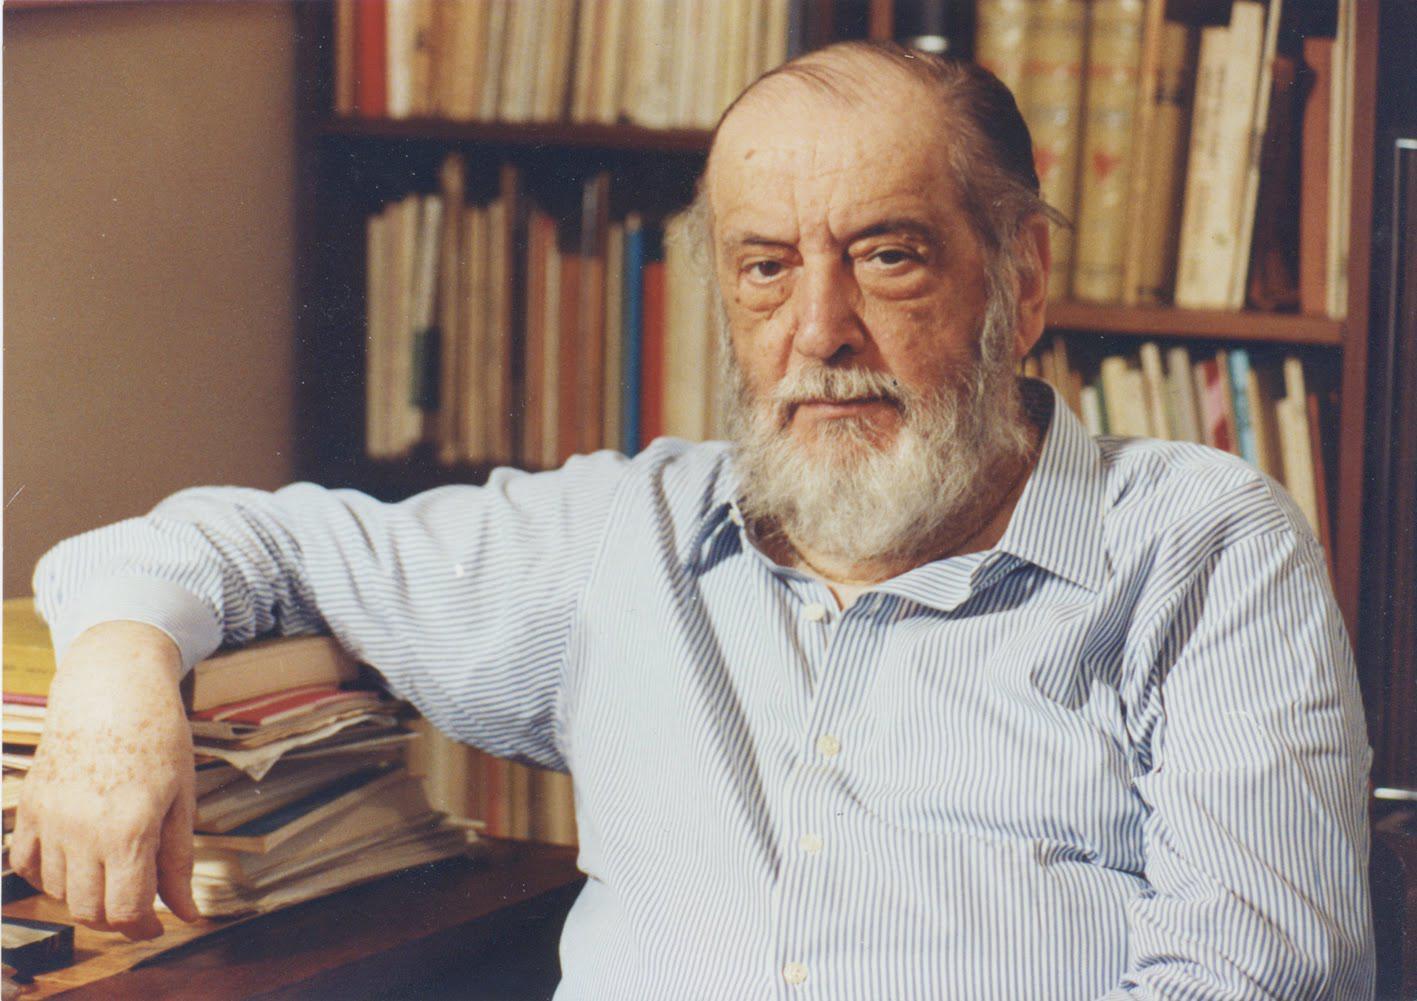 Μίλτος Σαχτούρης, 29 Ιουλίου 1919 – 29 Μαρτίου 2005